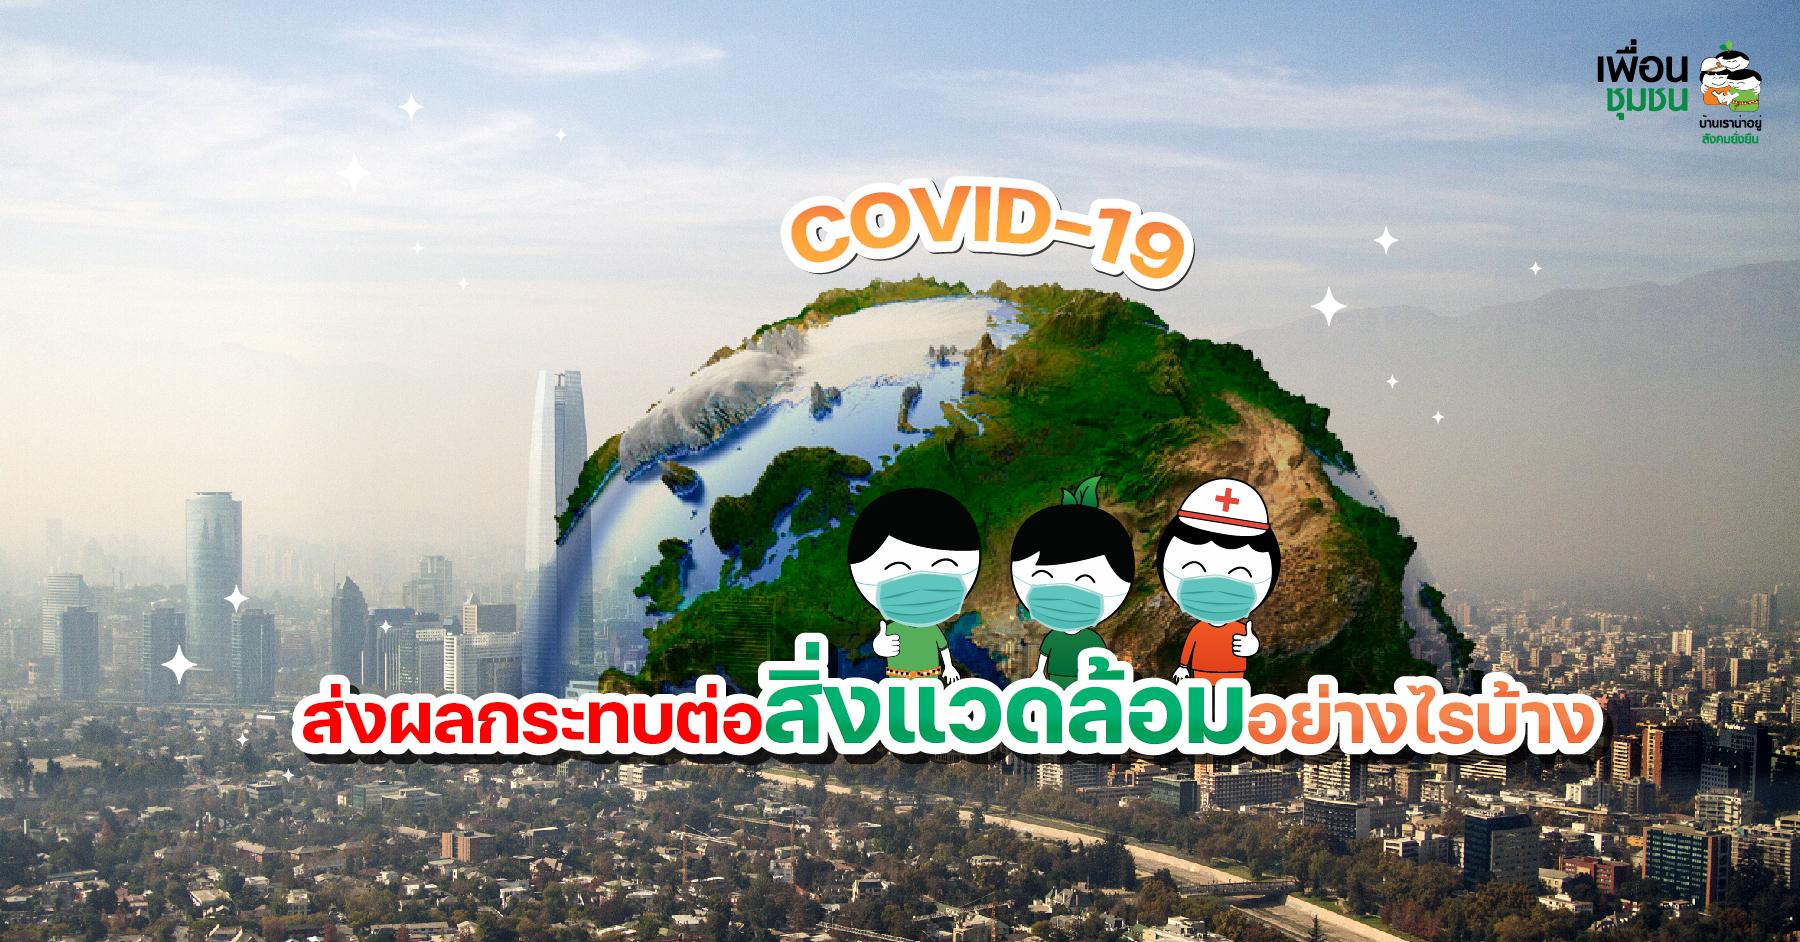 โควิด-19 สร้างผลกระทบอะไรบ้างต่อสิ่งแวดล้อม